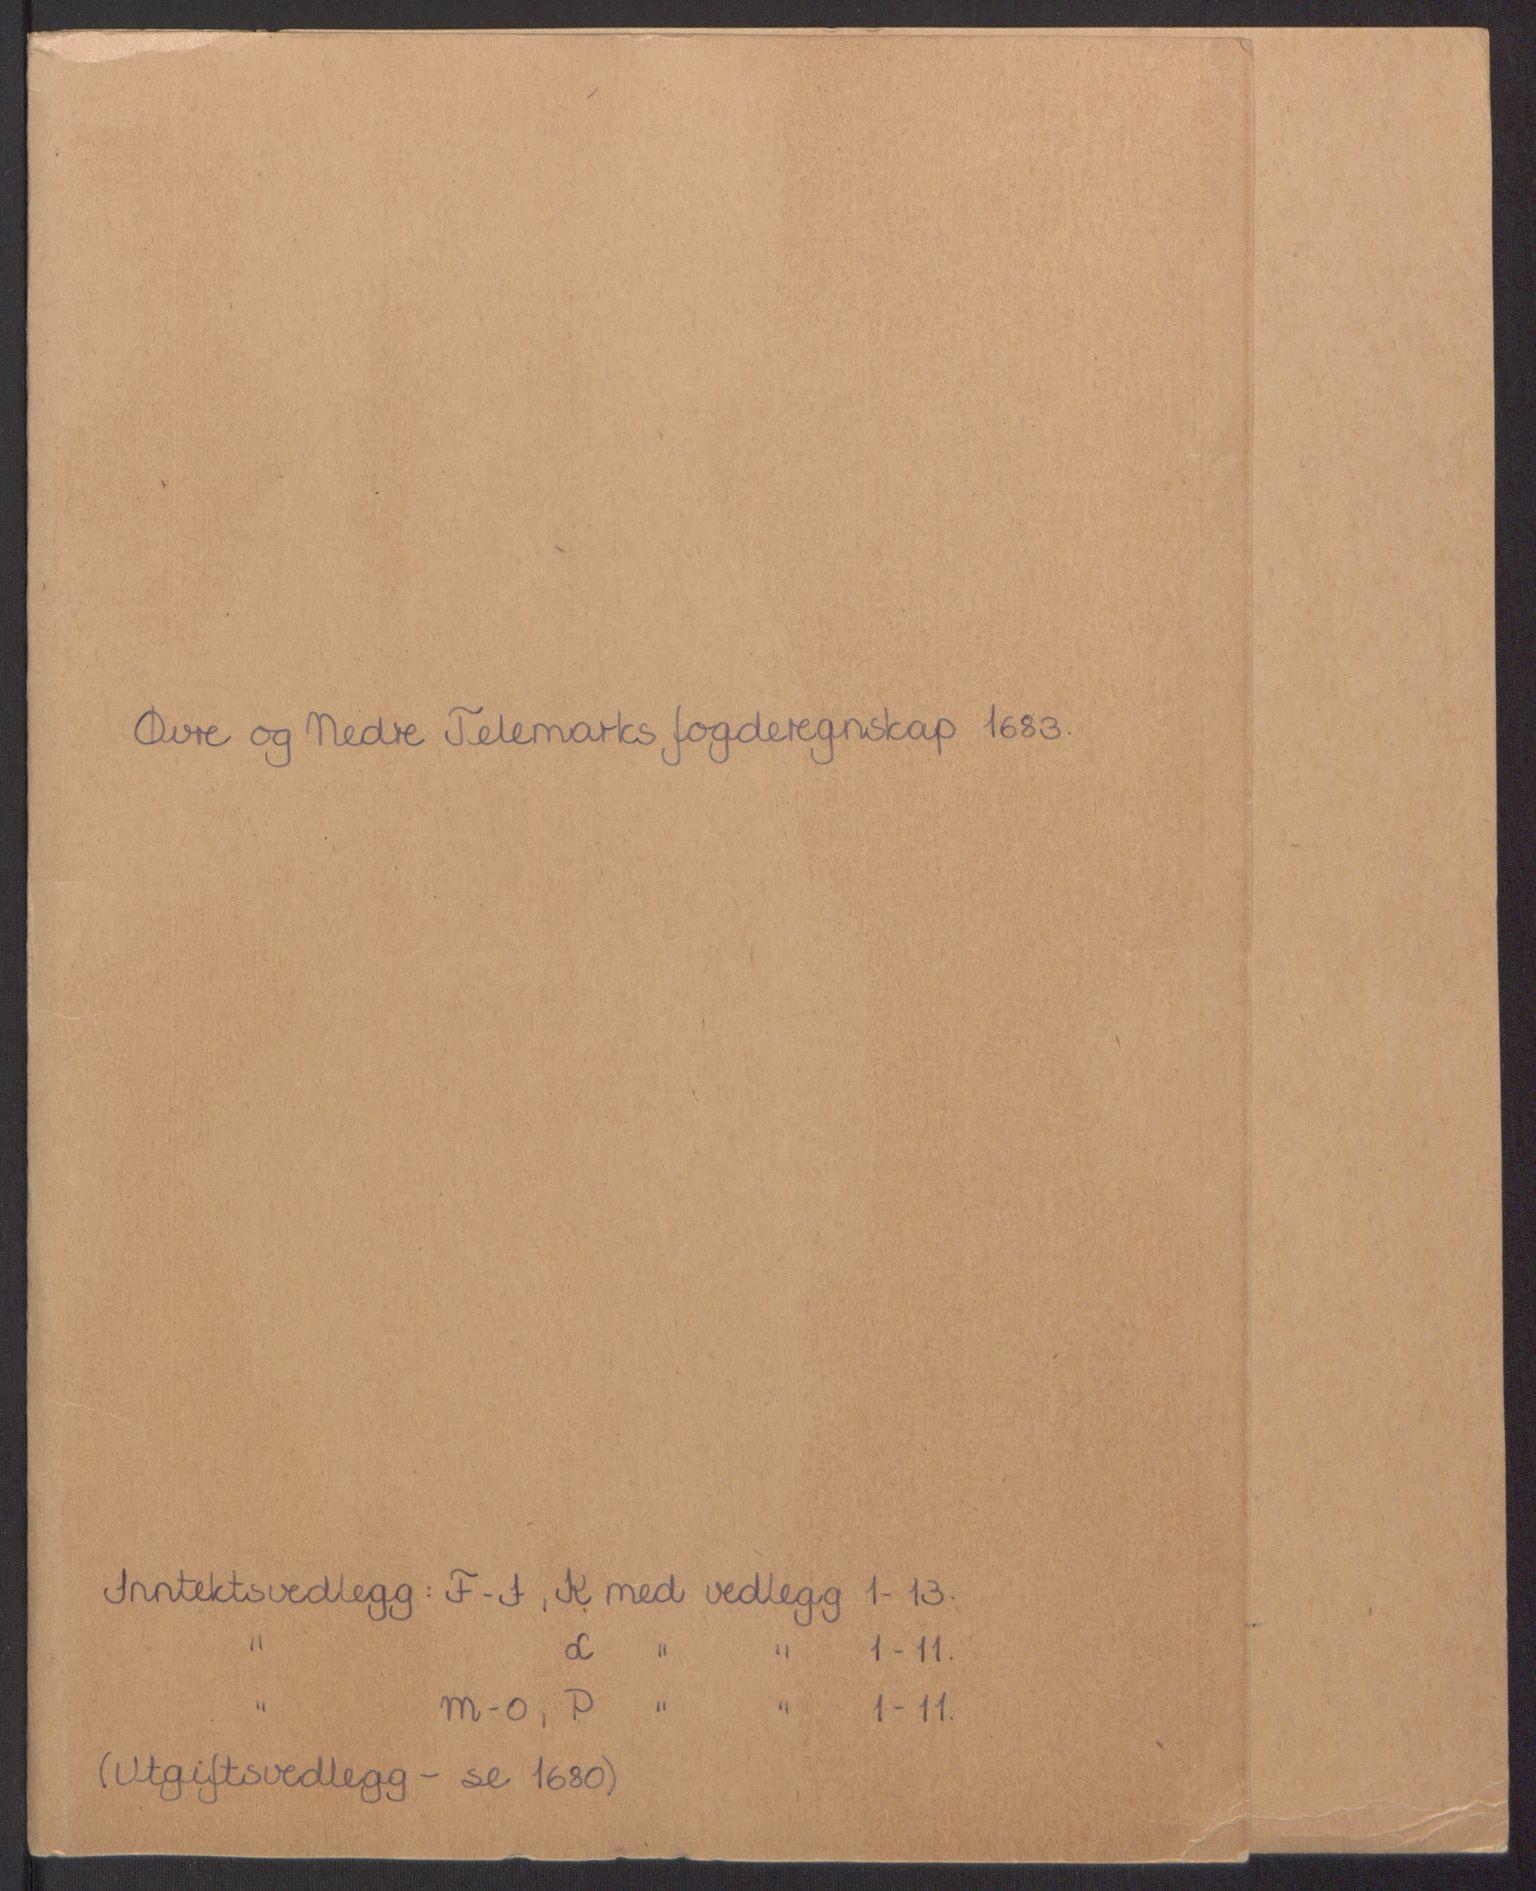 RA, Rentekammeret inntil 1814, Reviderte regnskaper, Fogderegnskap, R35/L2080: Fogderegnskap Øvre og Nedre Telemark, 1680-1684, s. 2